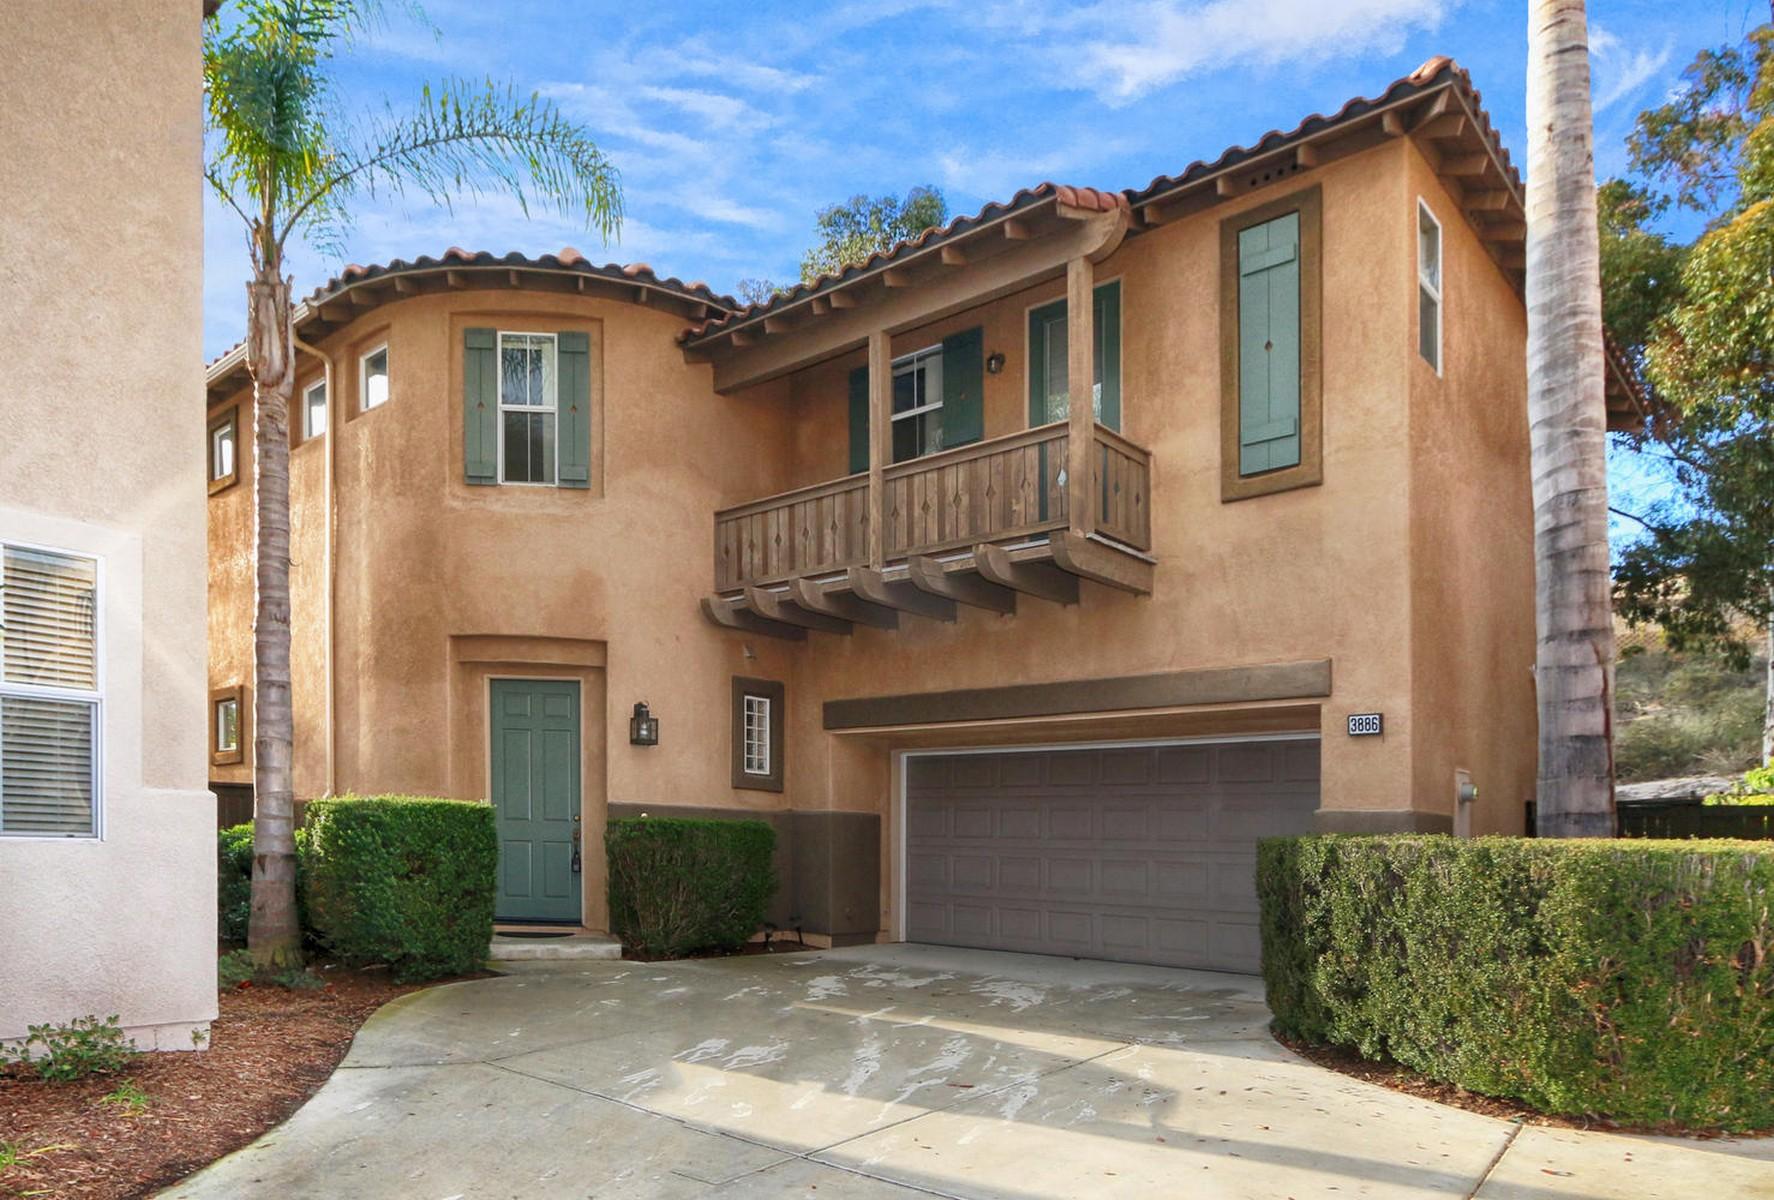 Casa para uma família para Venda às San Raphael 3886 Ruette San Raphael San Diego, Califórnia 92130 Estados Unidos